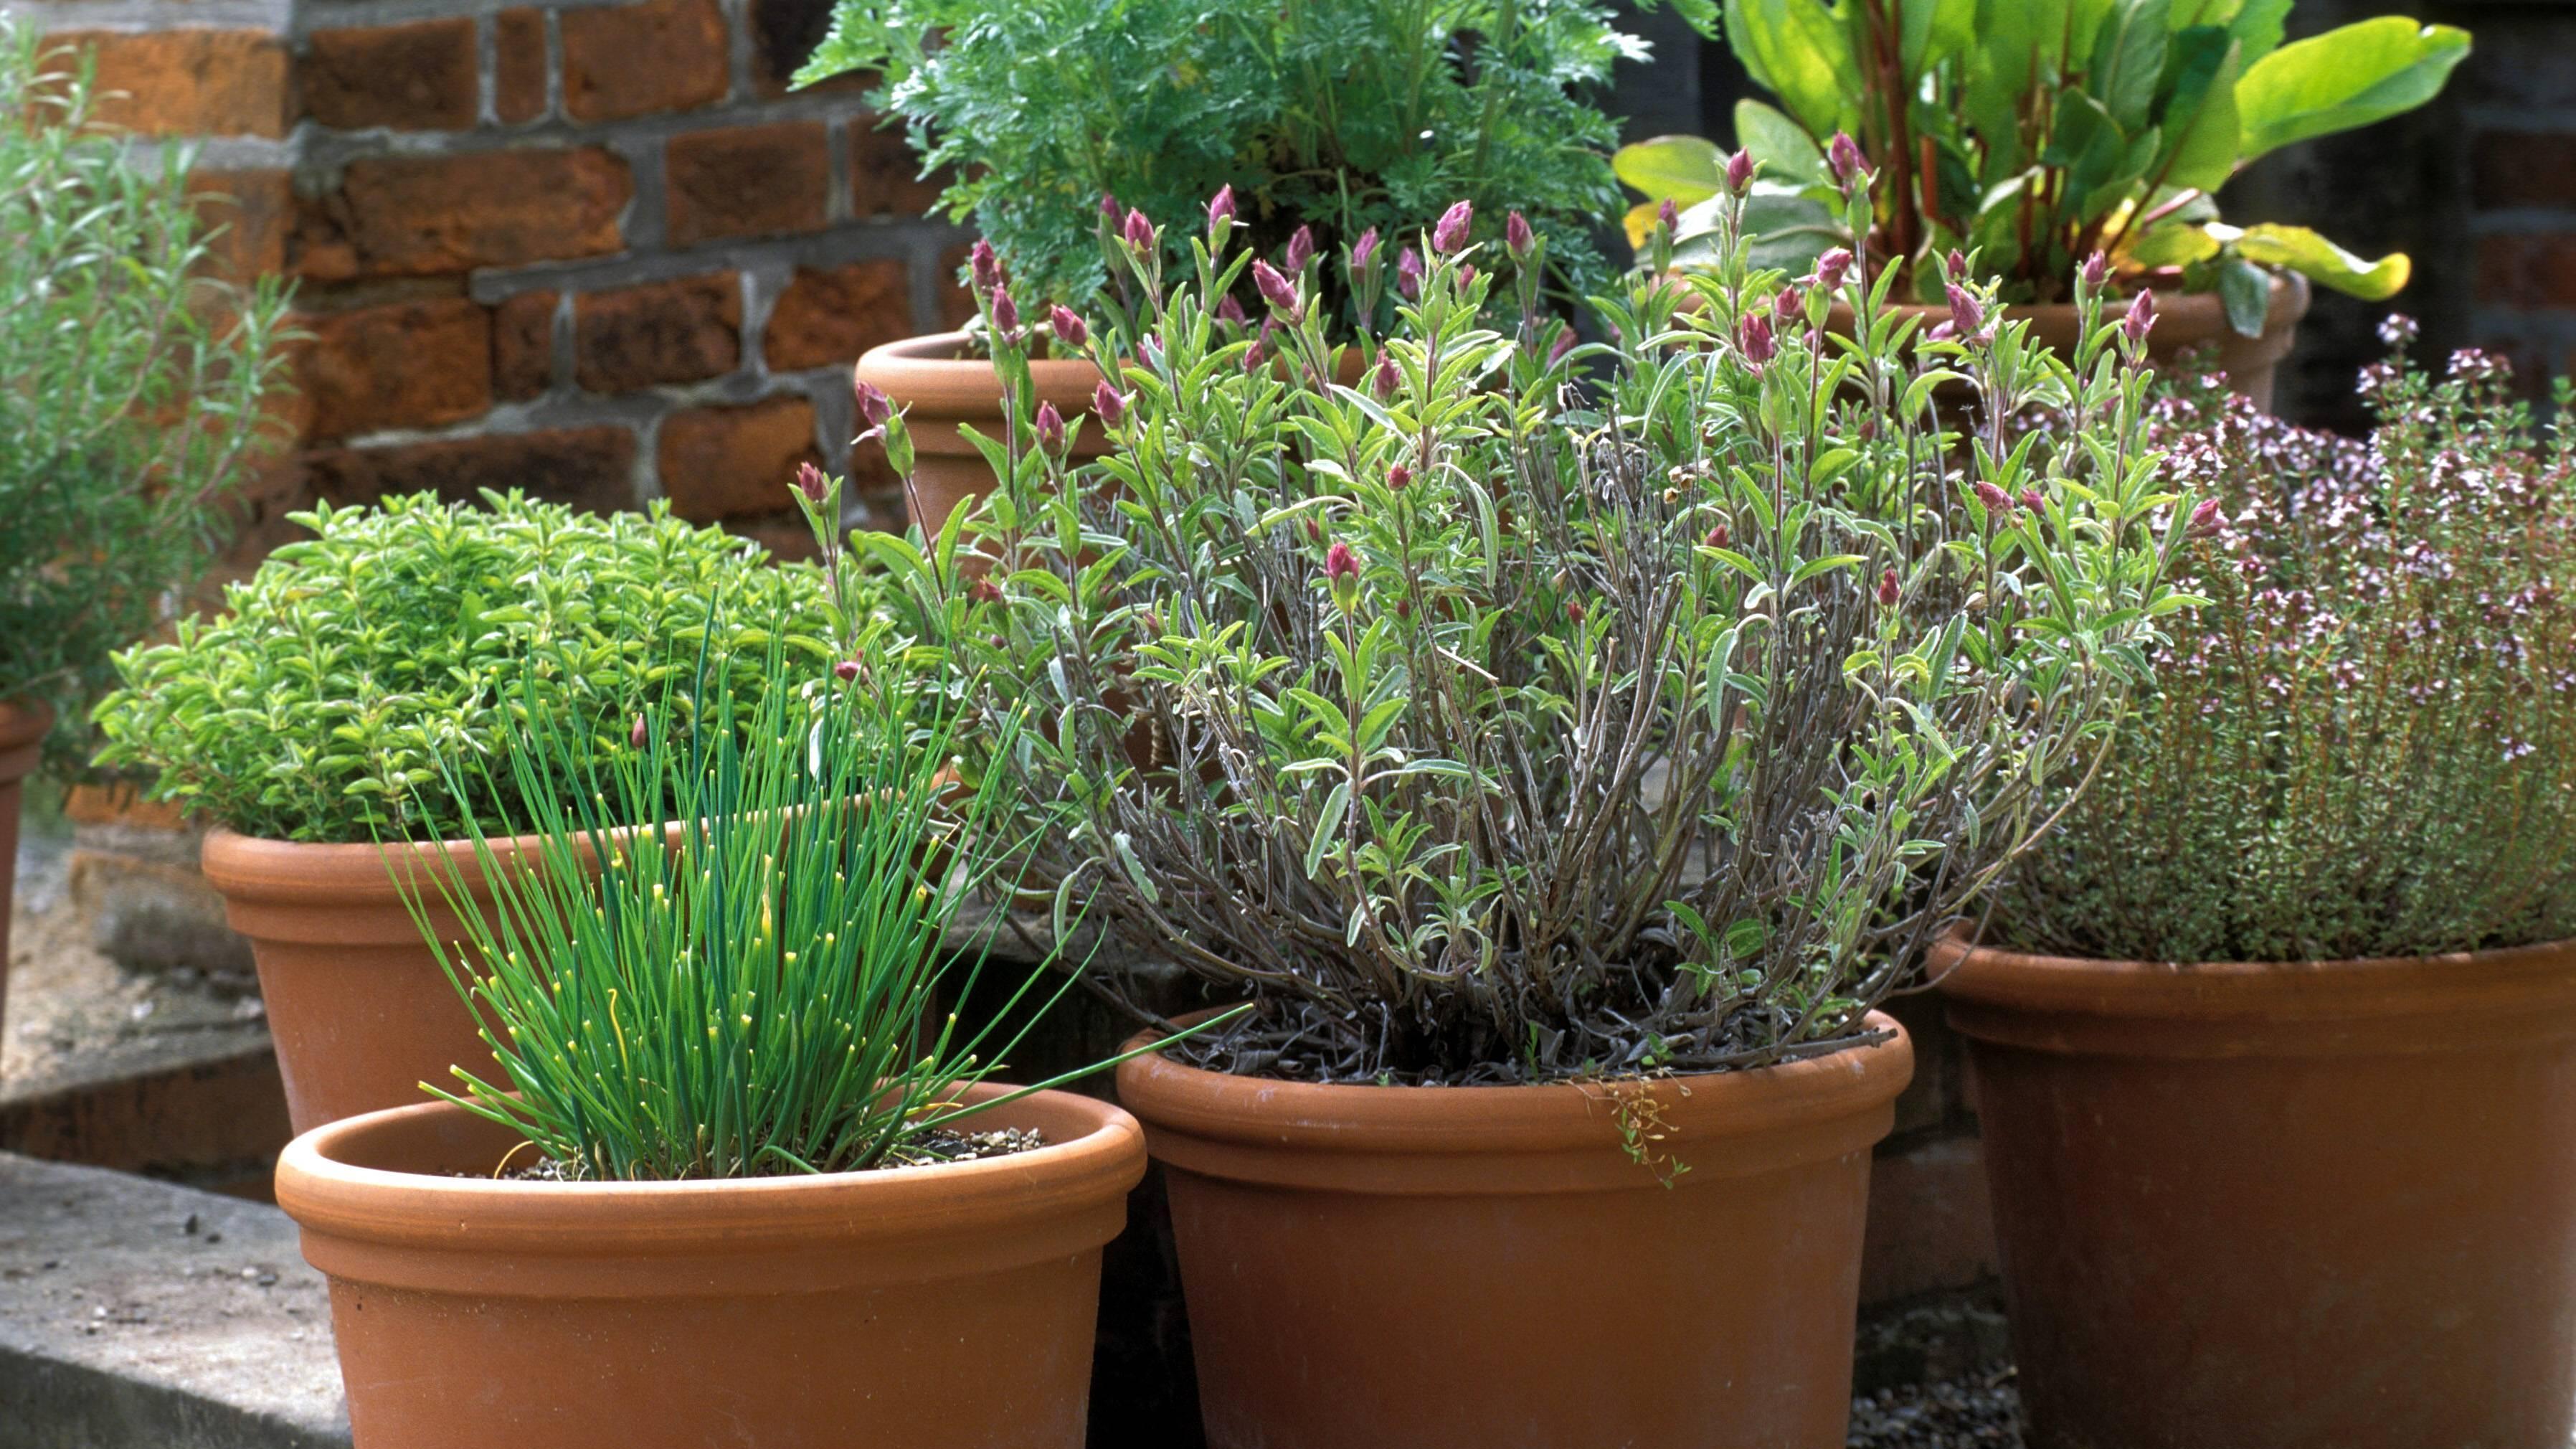 Kräuter gegen Arthrose: Mit diesen Pflanzen die Beschwerden lindern